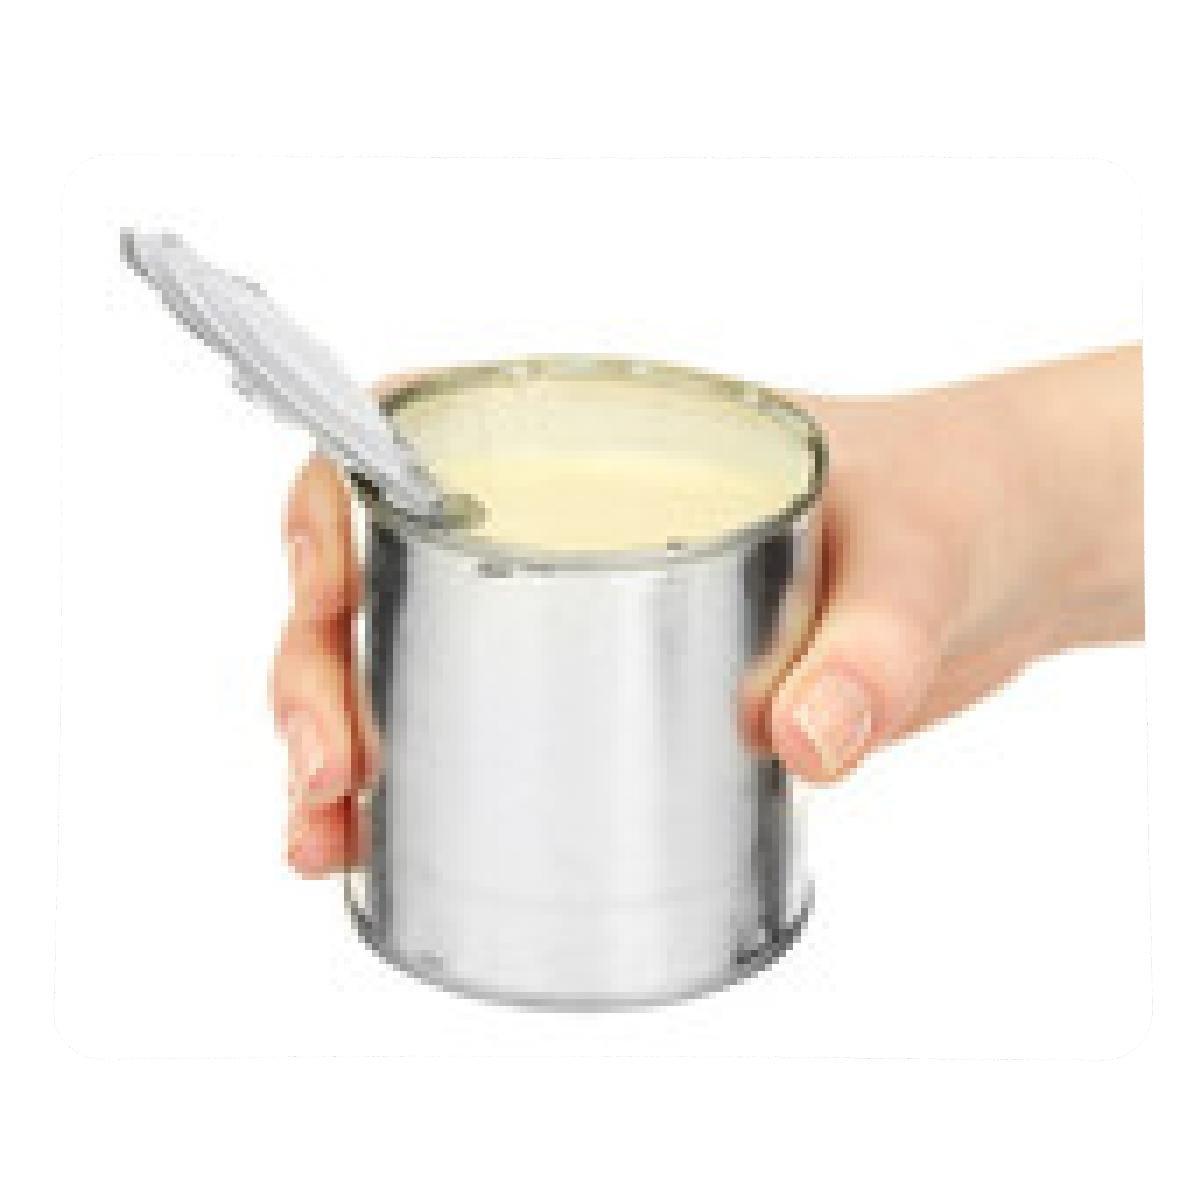 alfombrilla de ratón Mujer de la mano de la lata de leche condensada puede aislado en blanco: Amazon.es: Electrónica